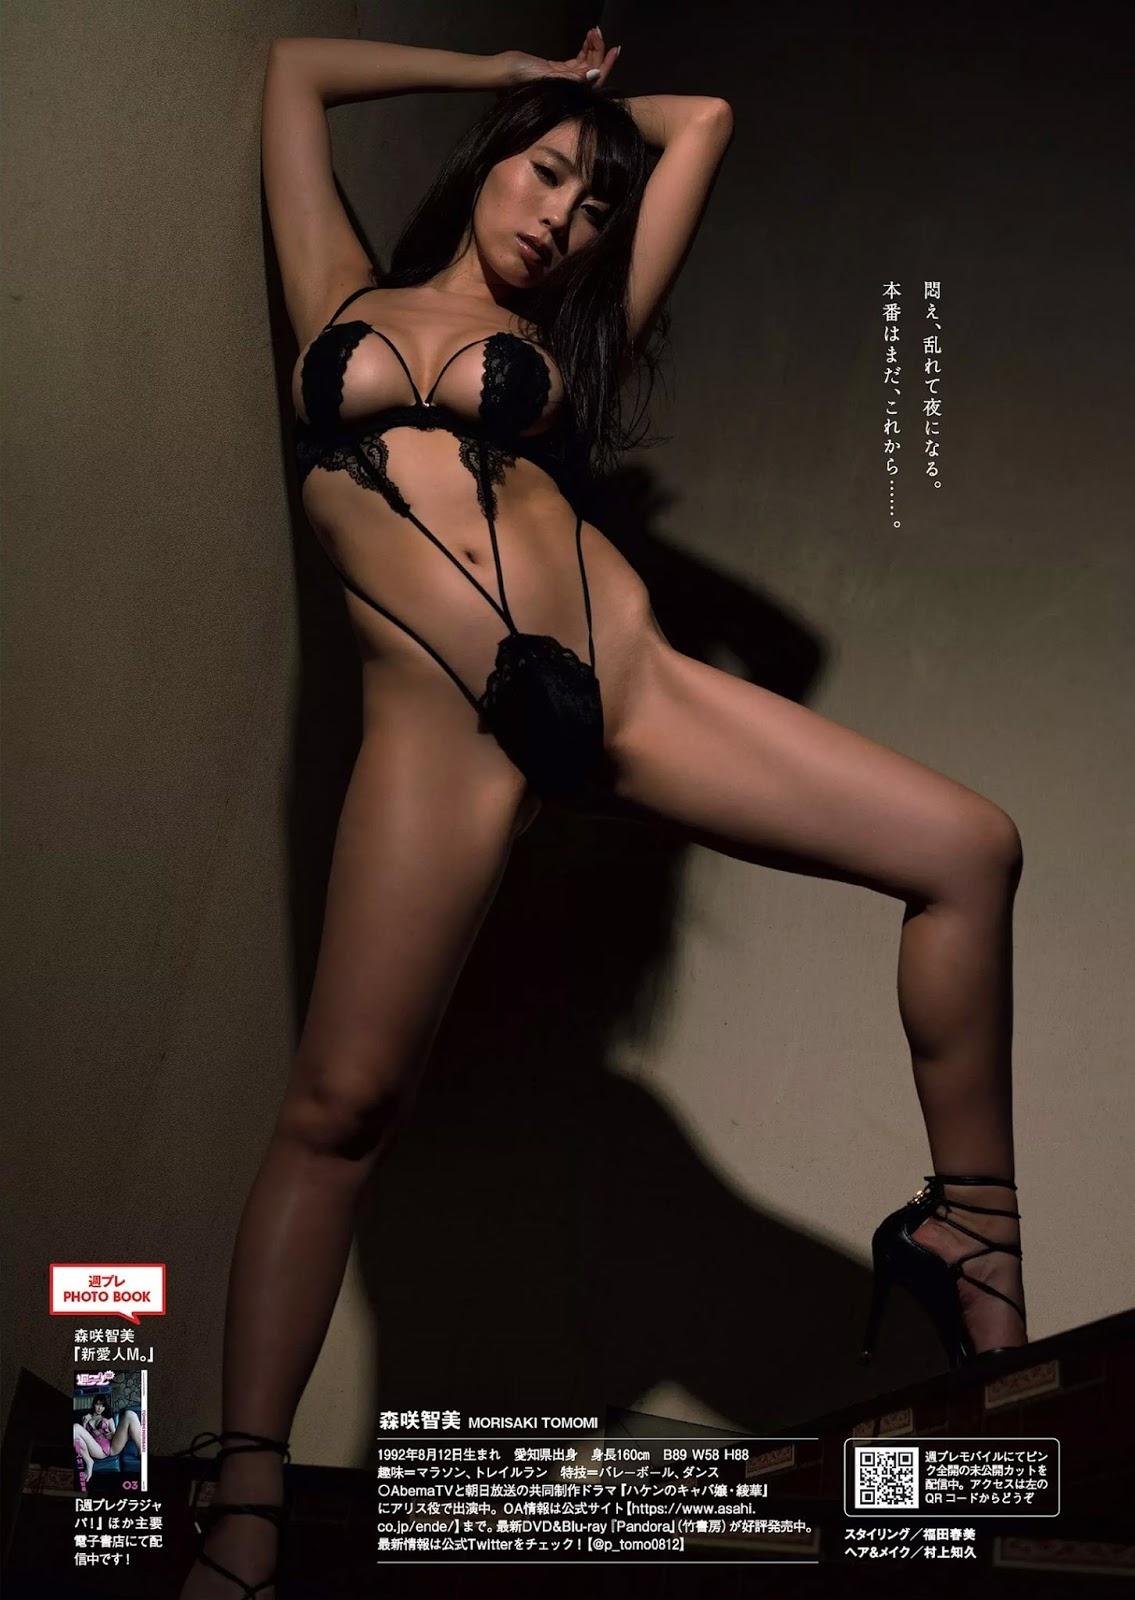 Tomomi Morisaki 森咲智美, Weekly Playboy 2017 No.49 (週刊プレイボーイ 2017年49号)